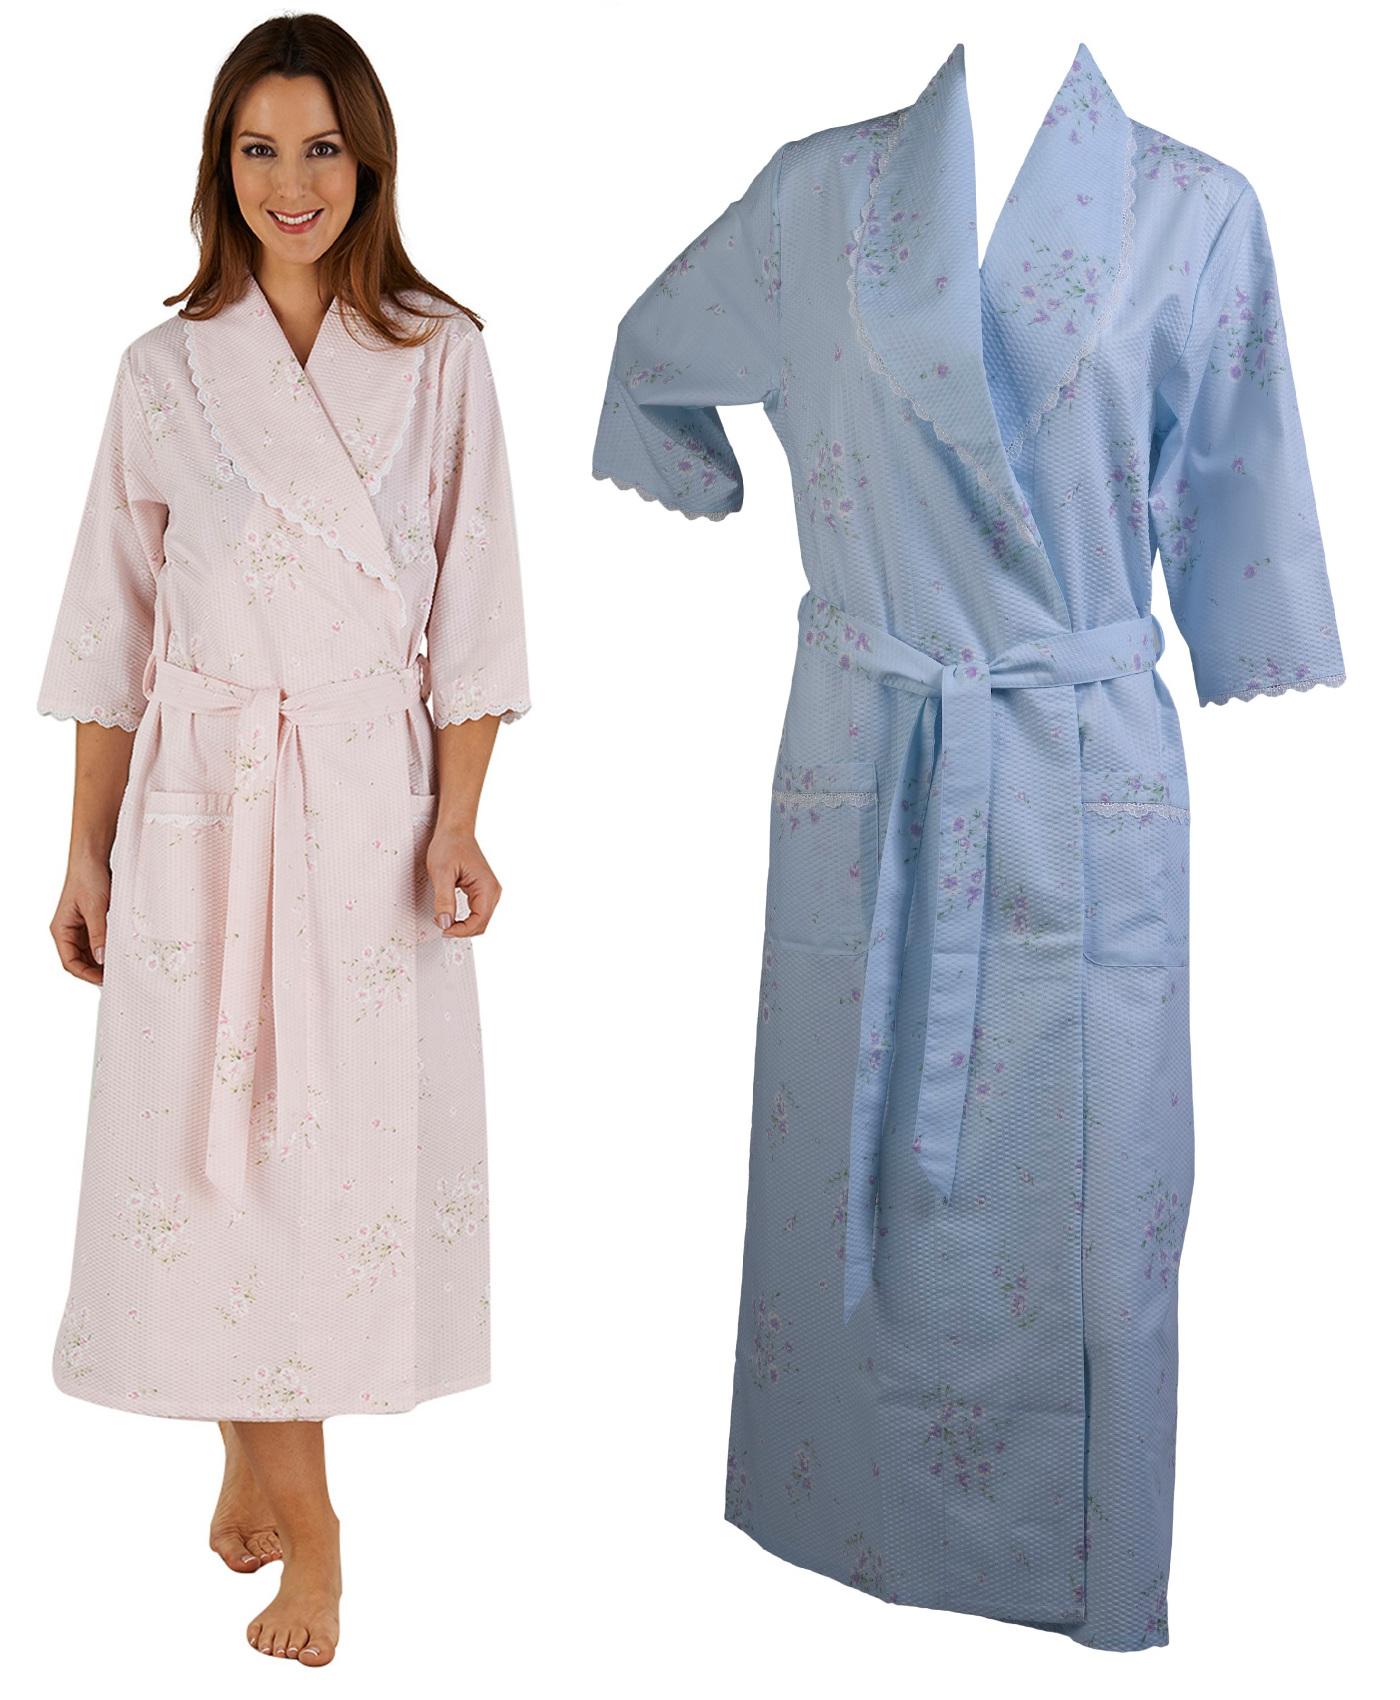 Womens Bathrobe Wrap Floral Seersucker Ladies 3 4 Sleeve